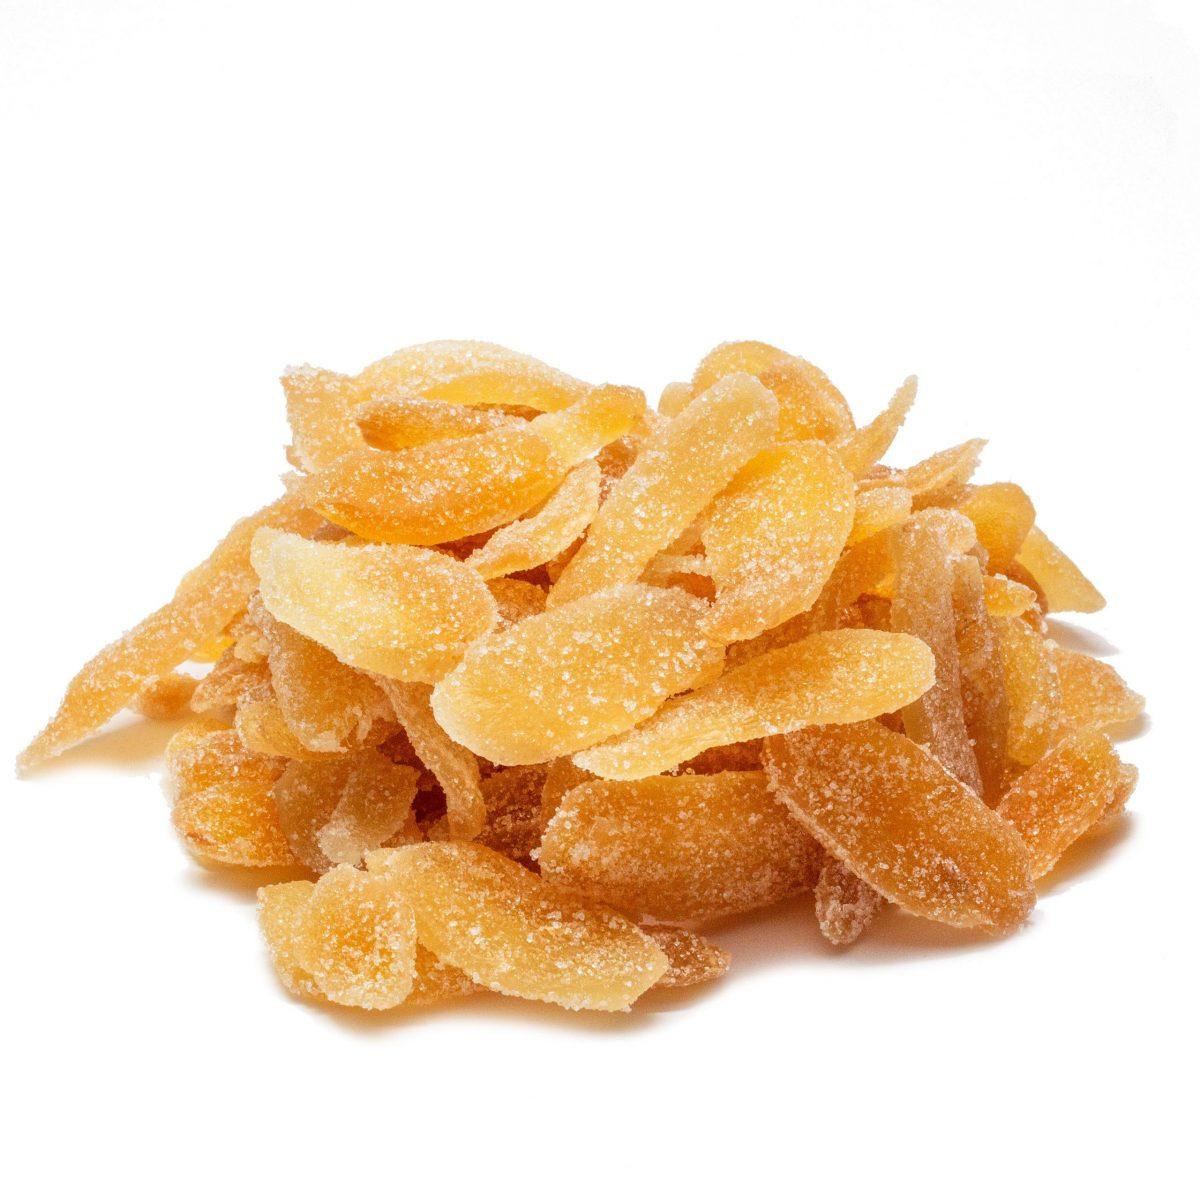 Ginger Crystallized Sweetened Scaled